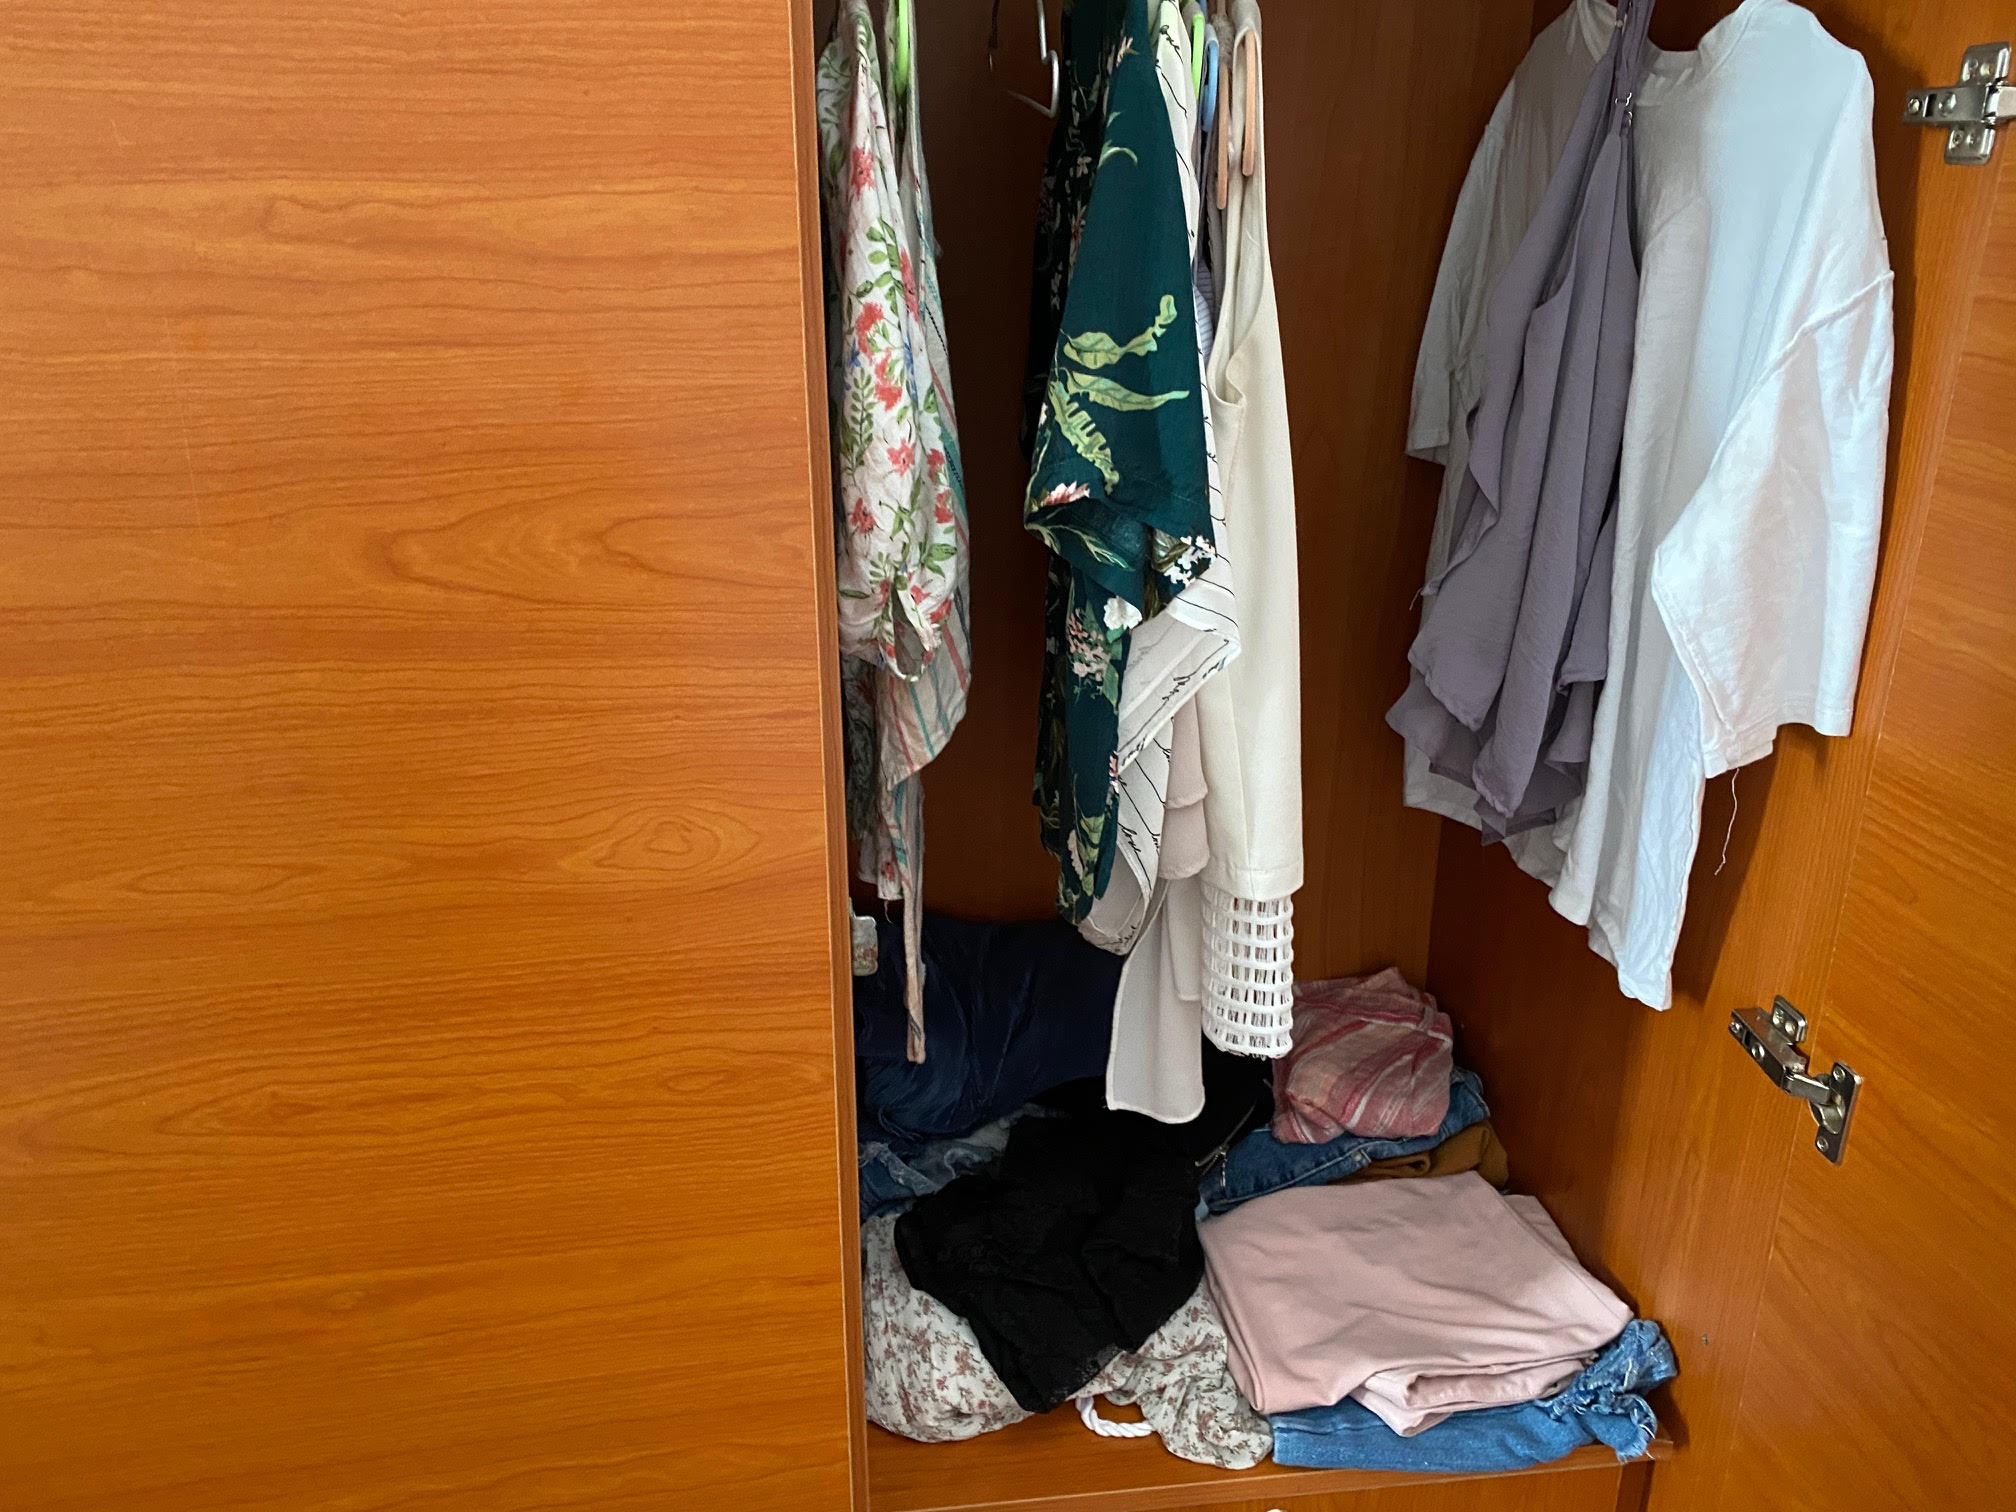 Có nên tối giản tủ quần áo, chia sẻ của cô gái trẻ mê thời trang tại Sài Gòn sẽ đánh thức chuyện dọn dẹp mà lâu nay nhiều chị em vẫn thường làm lơ - Ảnh 4.